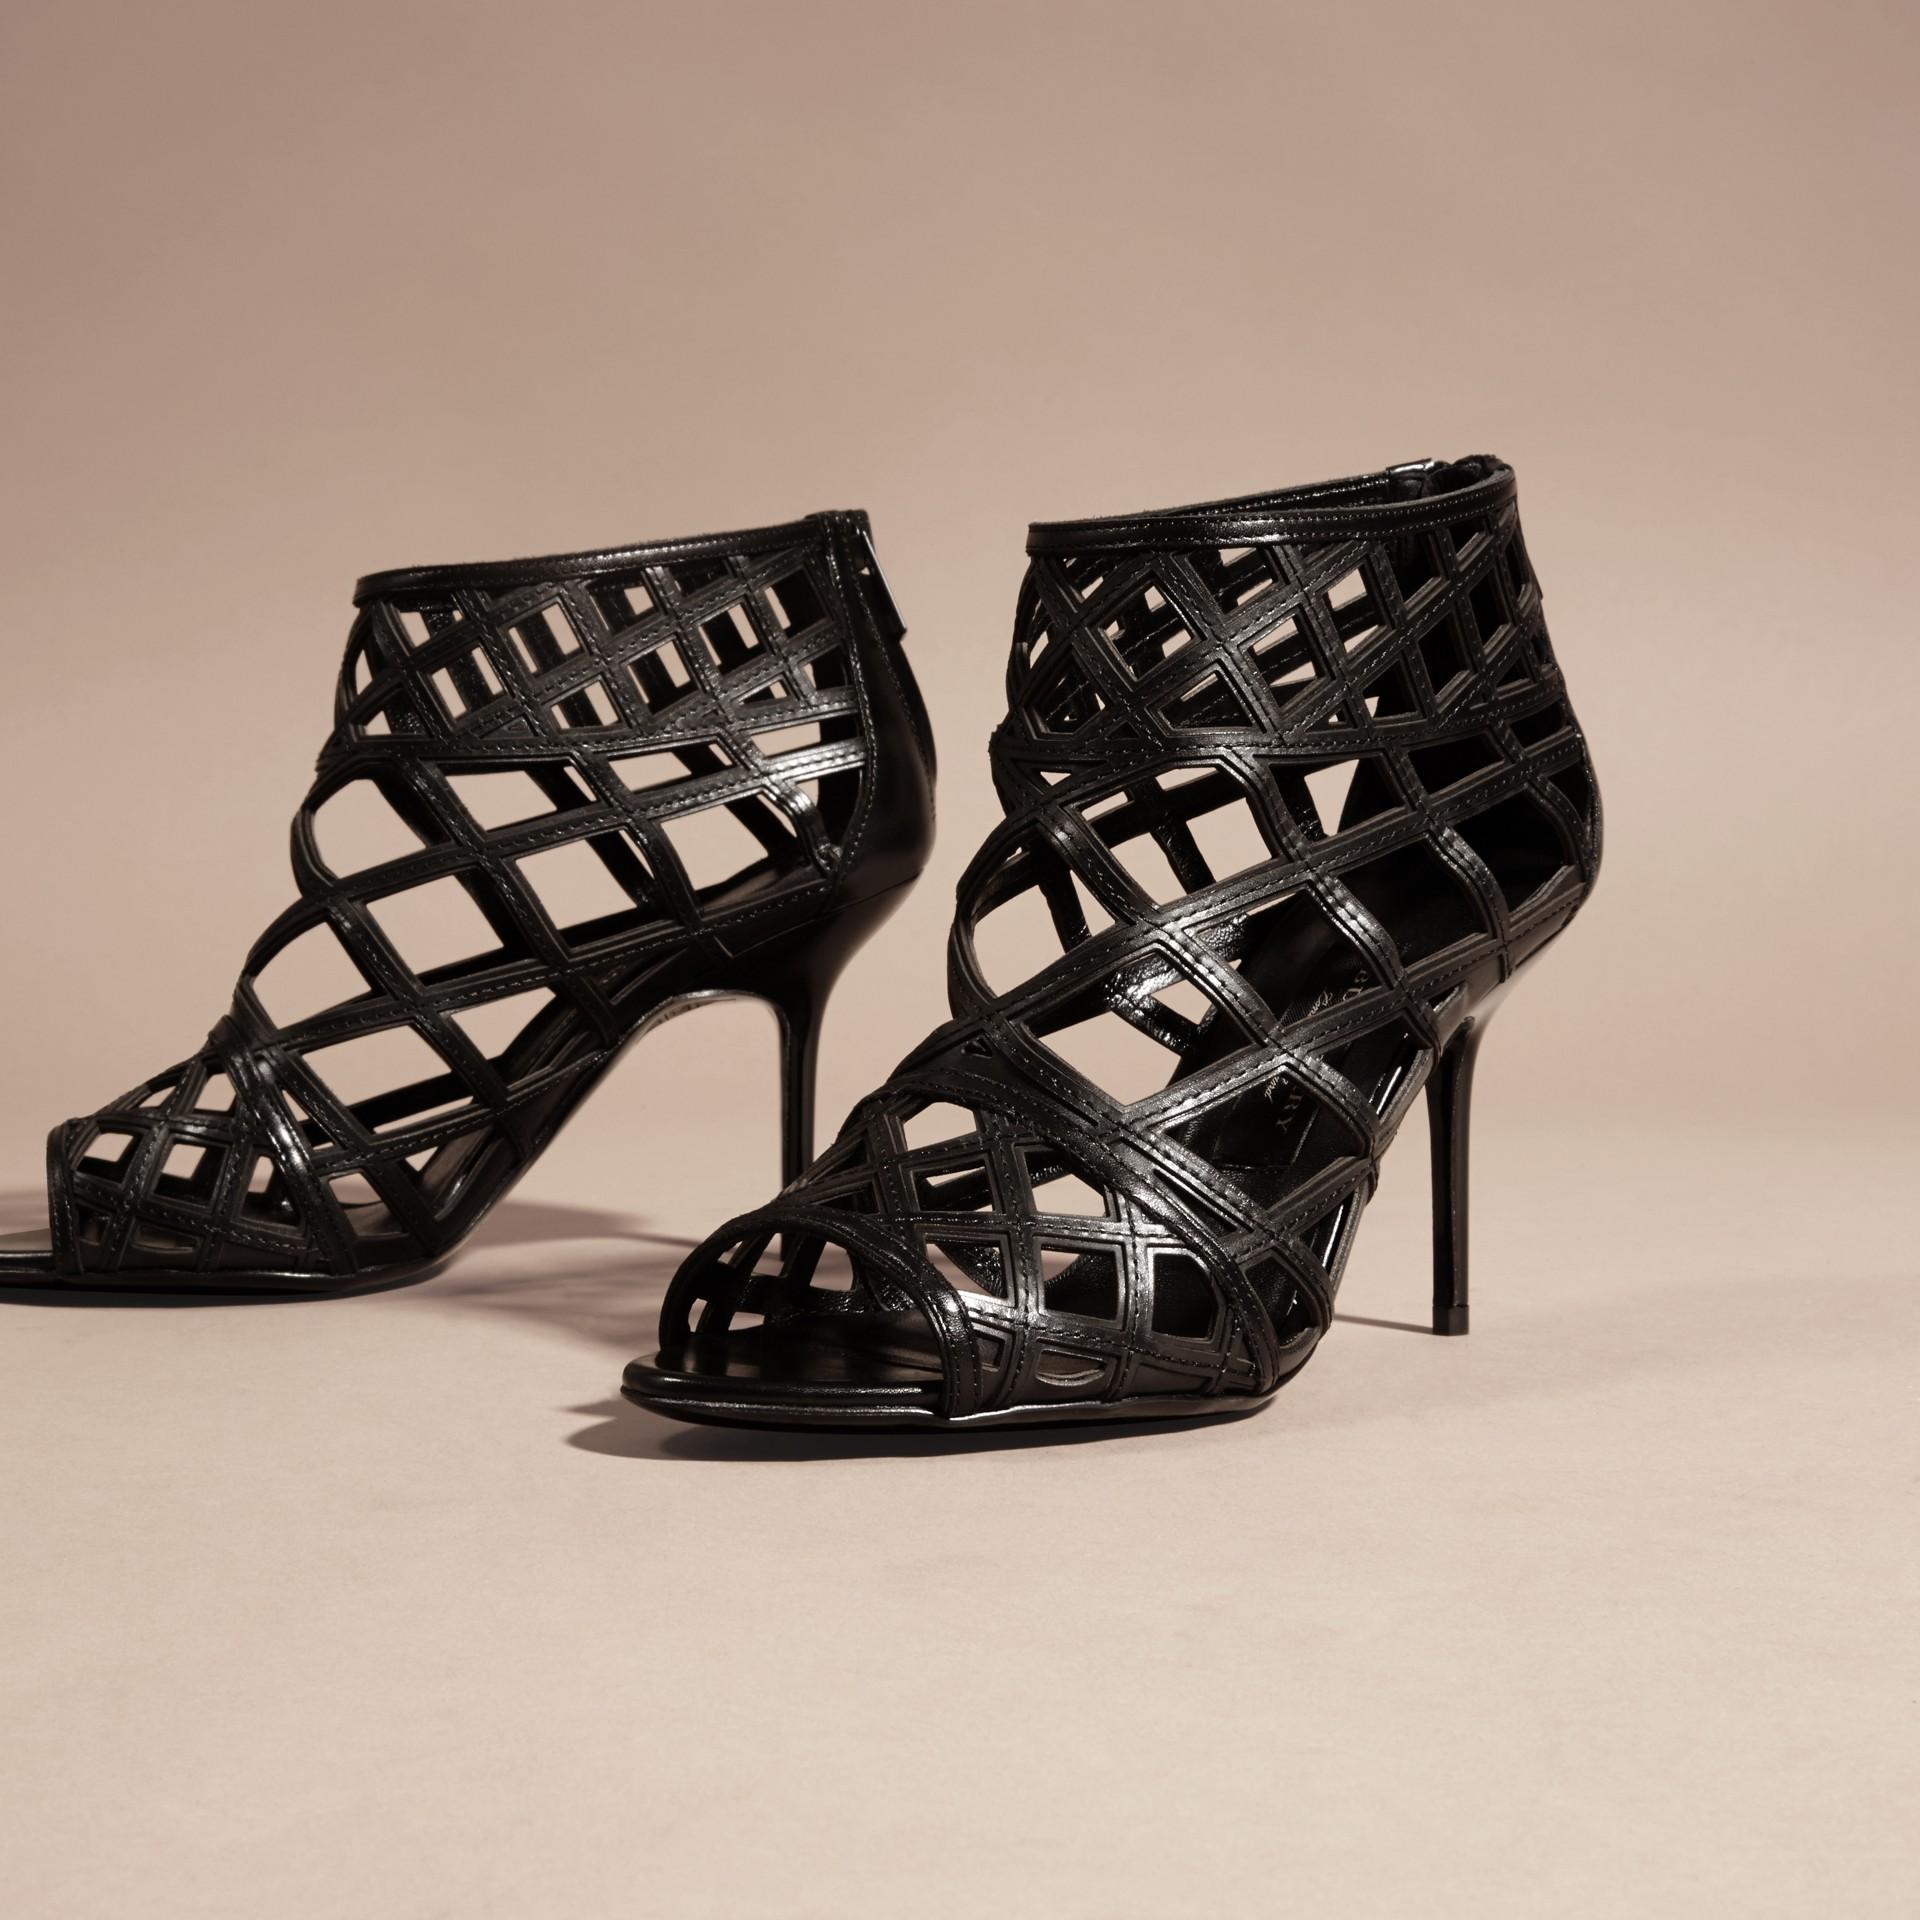 Noir Bottines en cuir avec découpes Noir - photo de la galerie 3